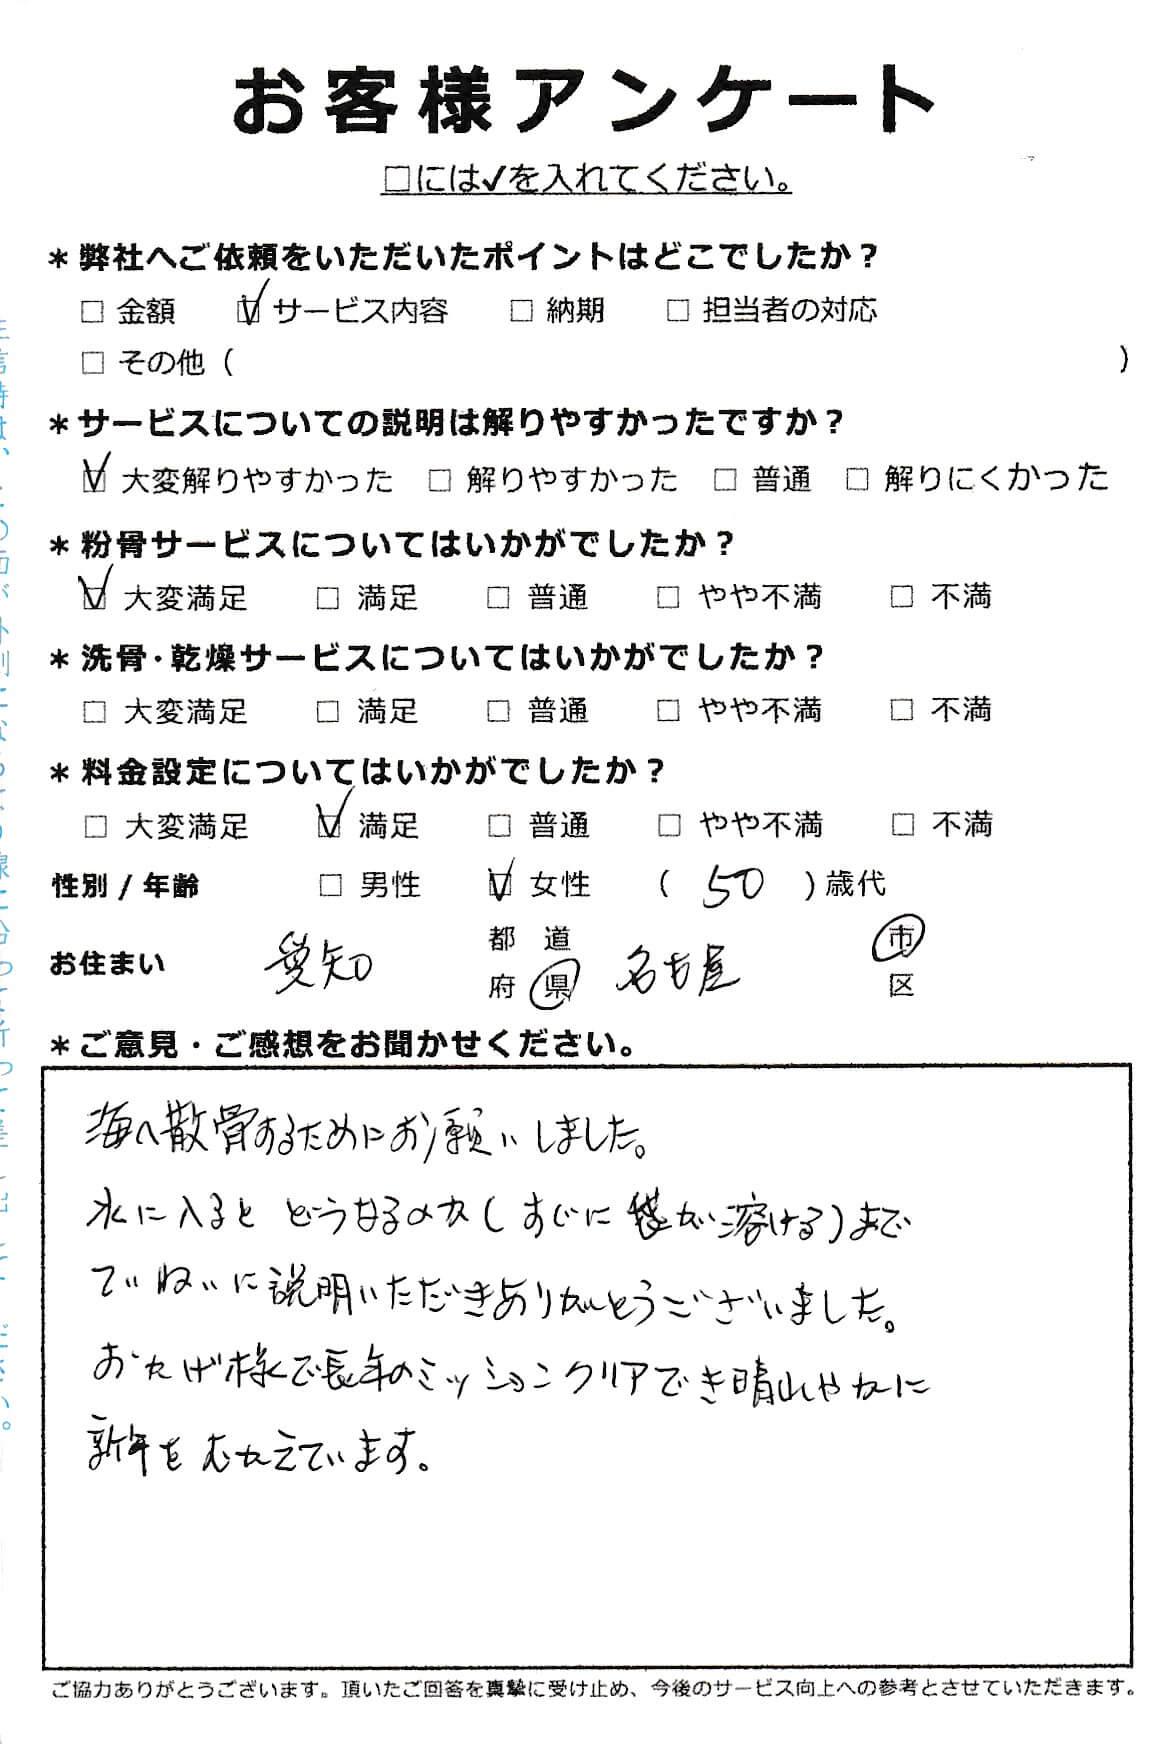 愛知県名古屋市での粉骨サービス